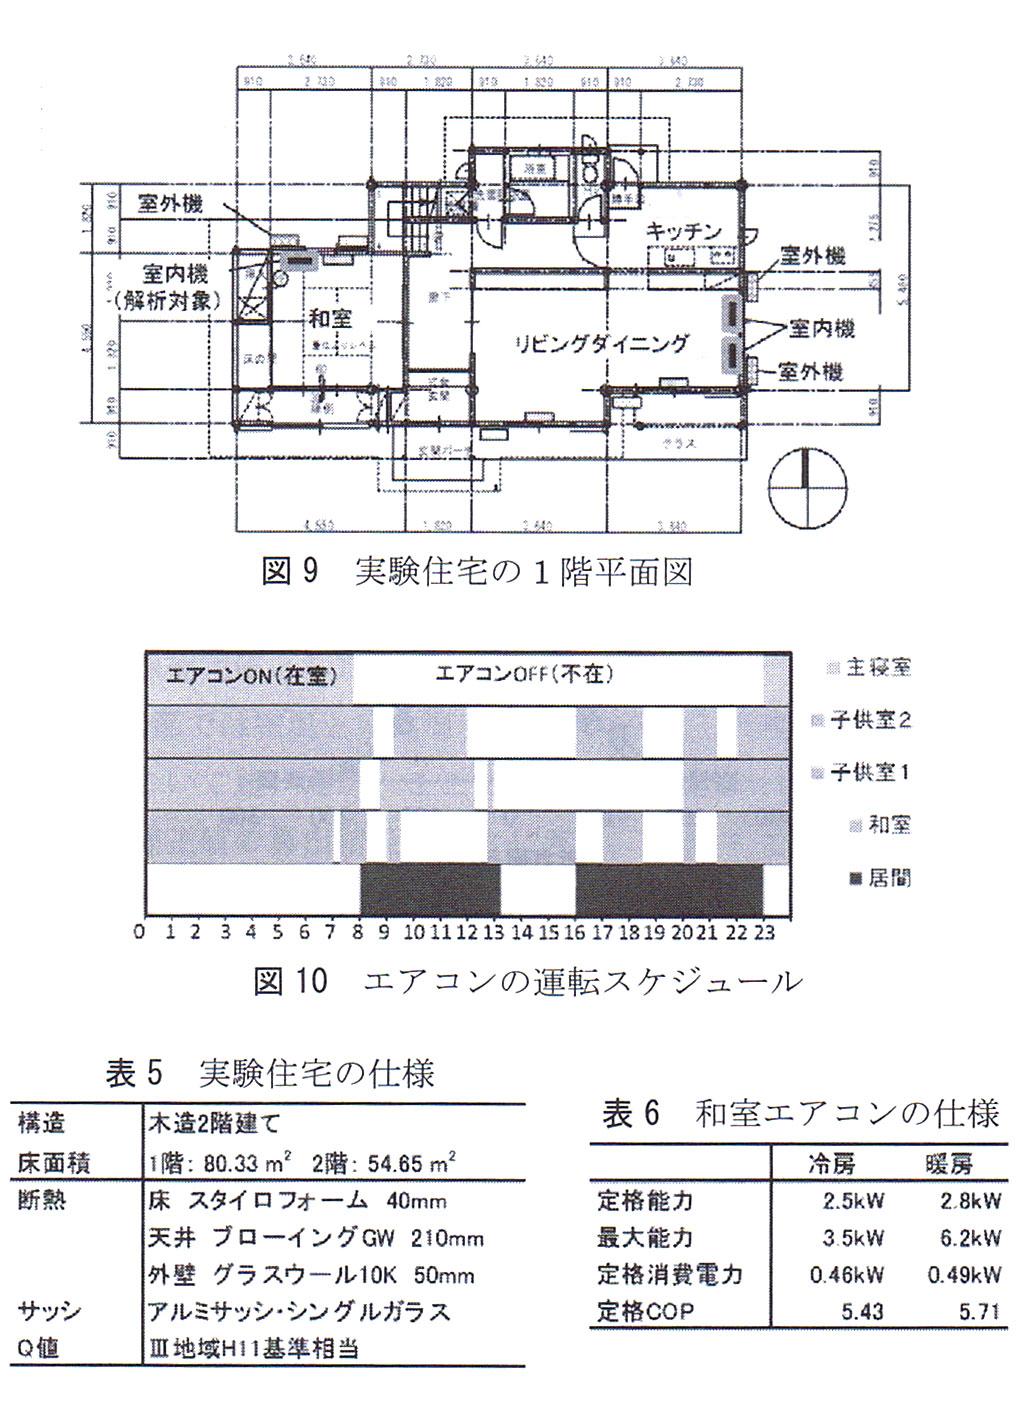 Cci20121109_00002